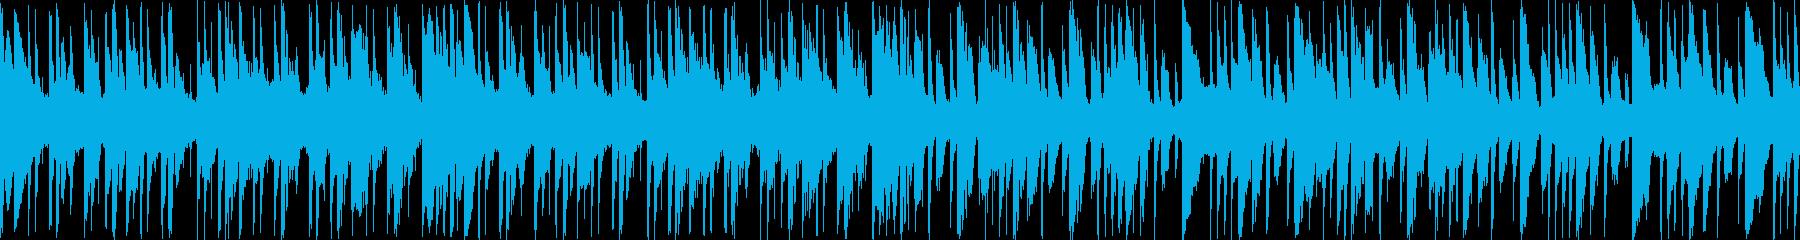 法人 エレクトロ ドキュメンタリー...の再生済みの波形